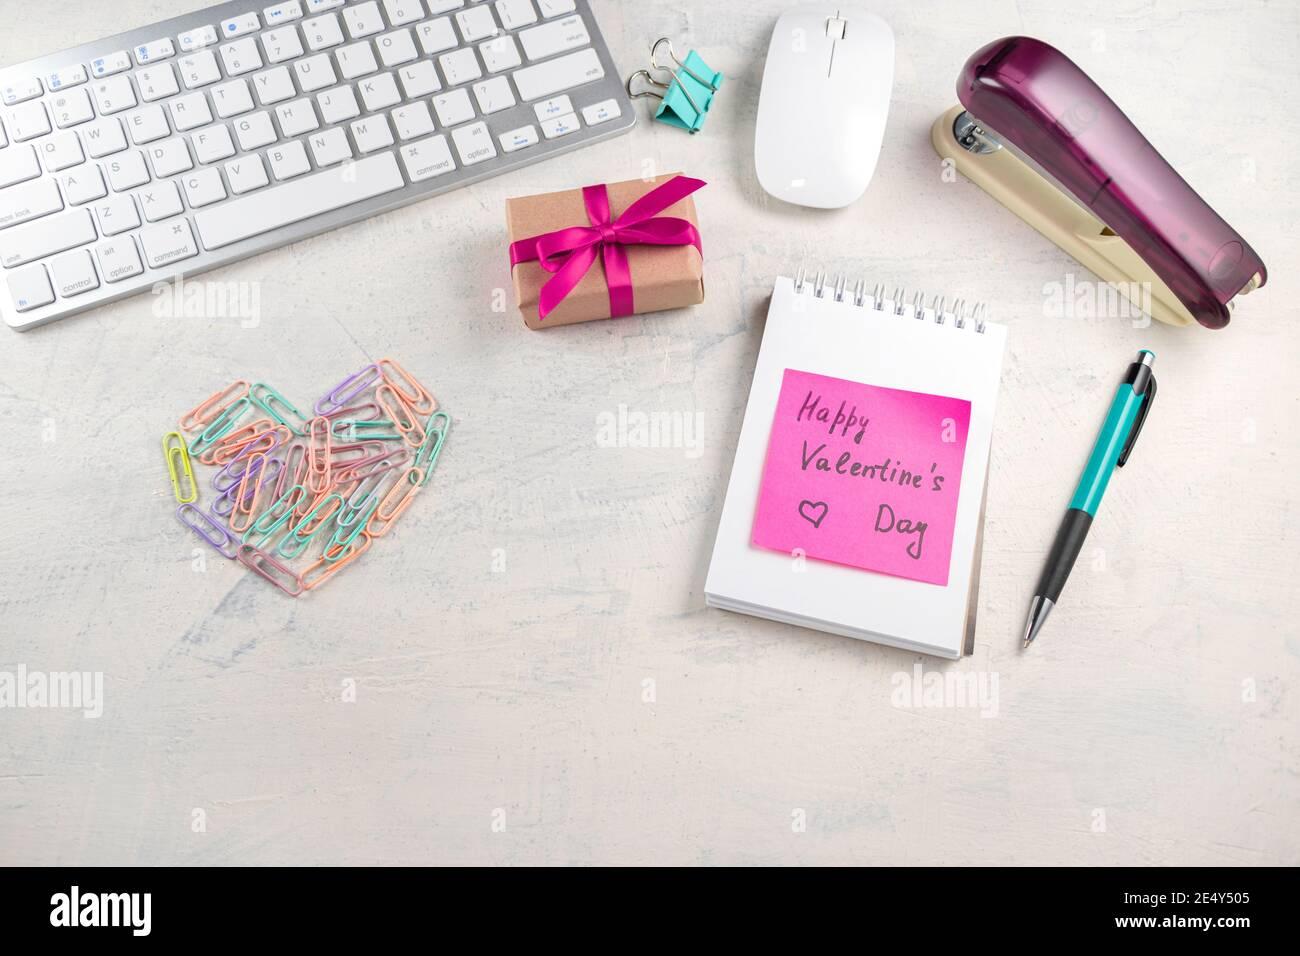 Parole buon San Valentino in una nota sul desktop con clip di carta colorata a forma di cuore e regalo con nastro rosso. San Valentino in offerta Foto Stock